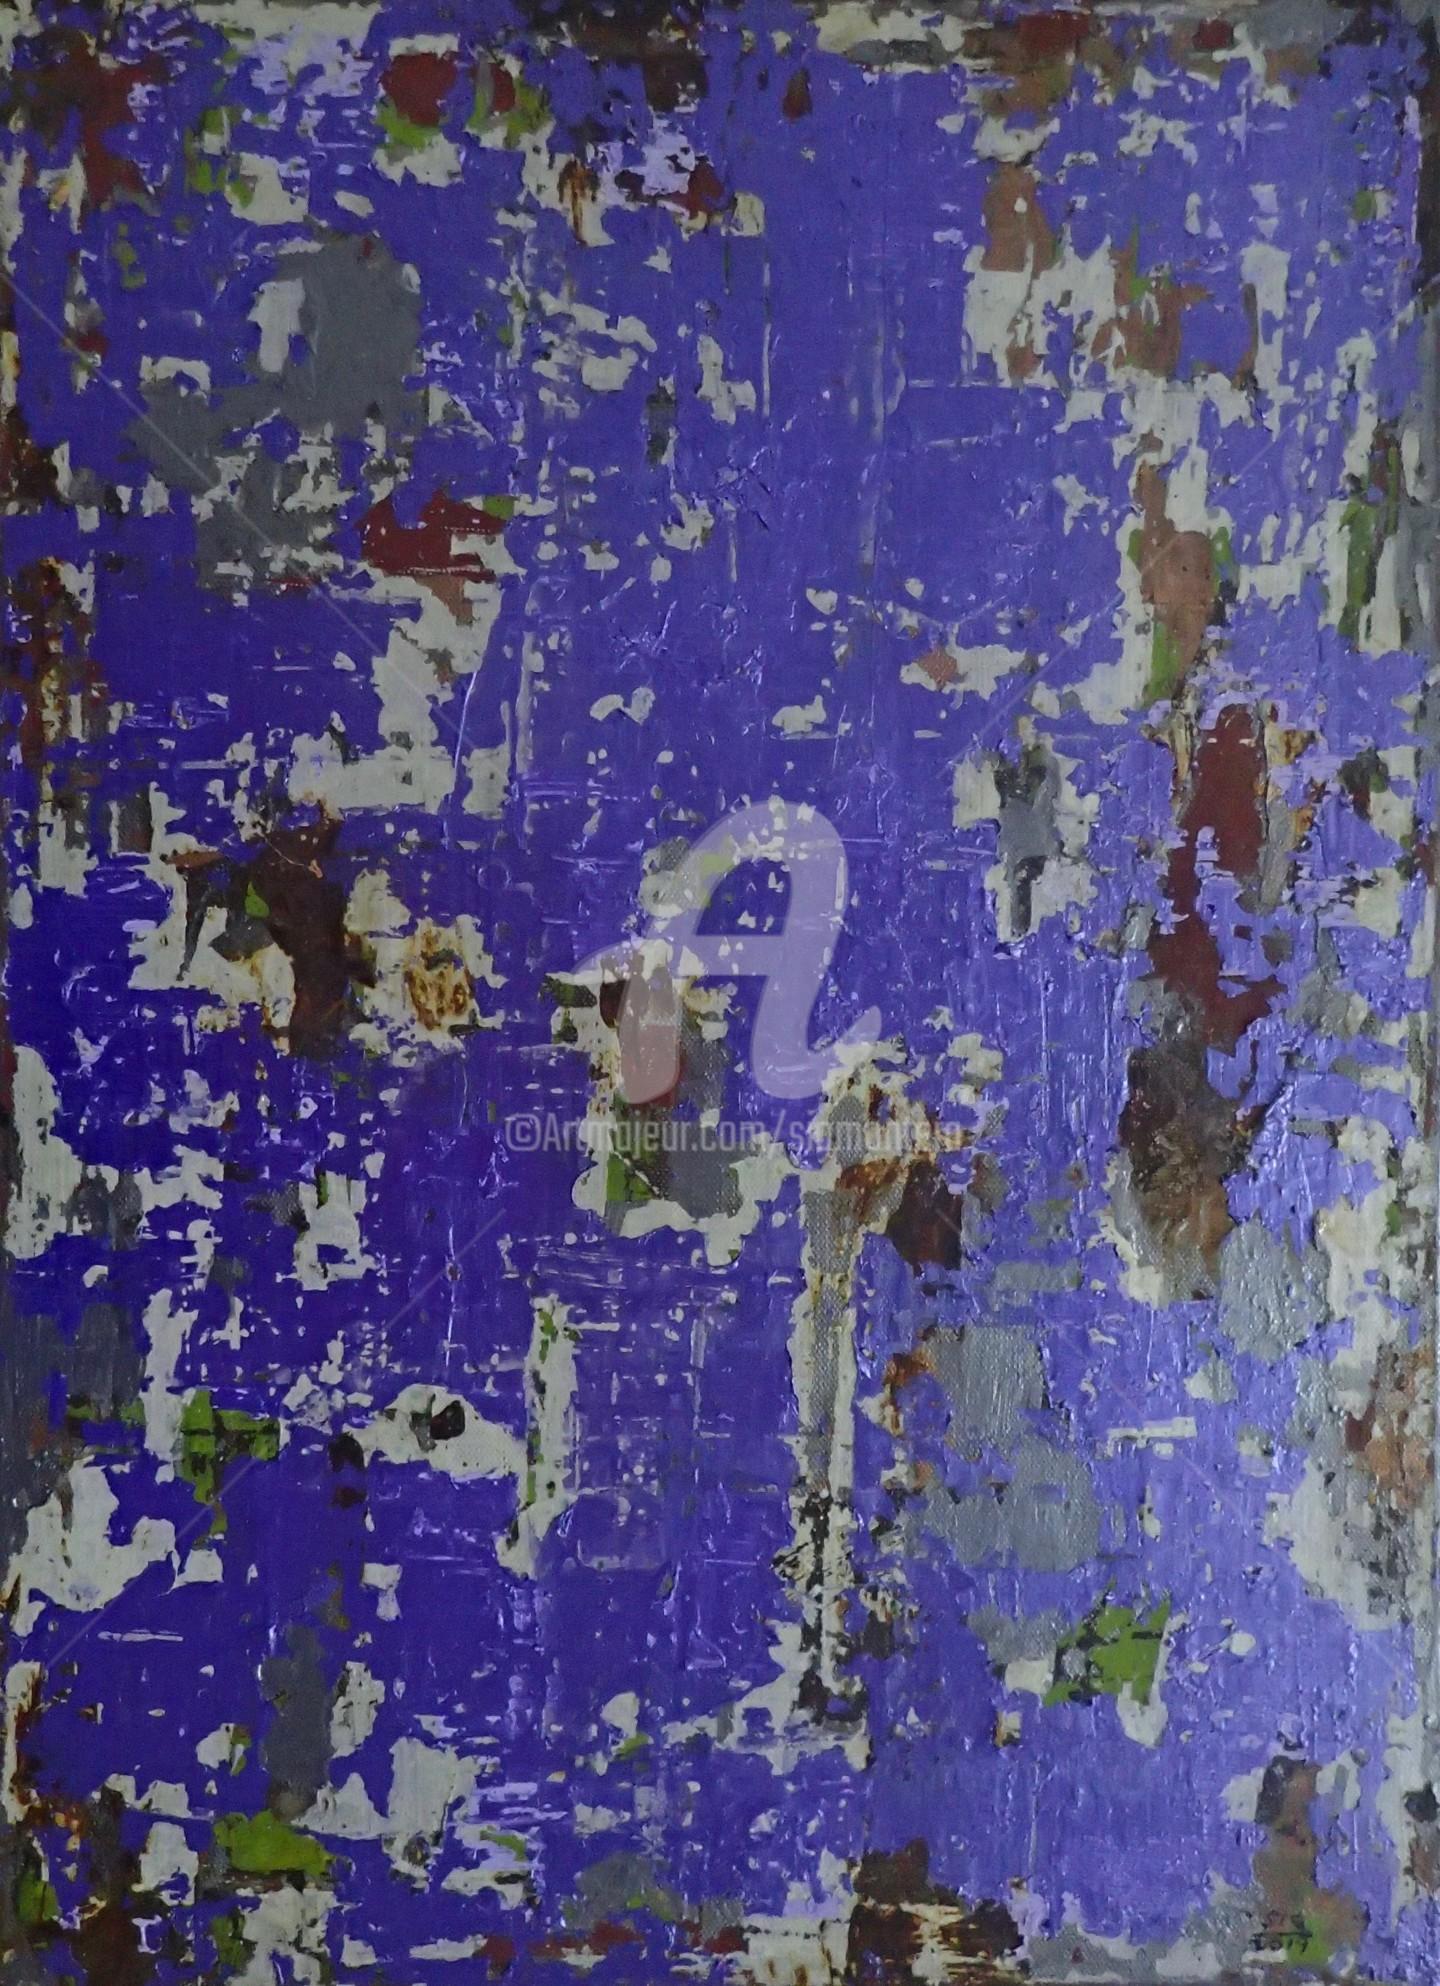 Sio Montera - Purple Prose